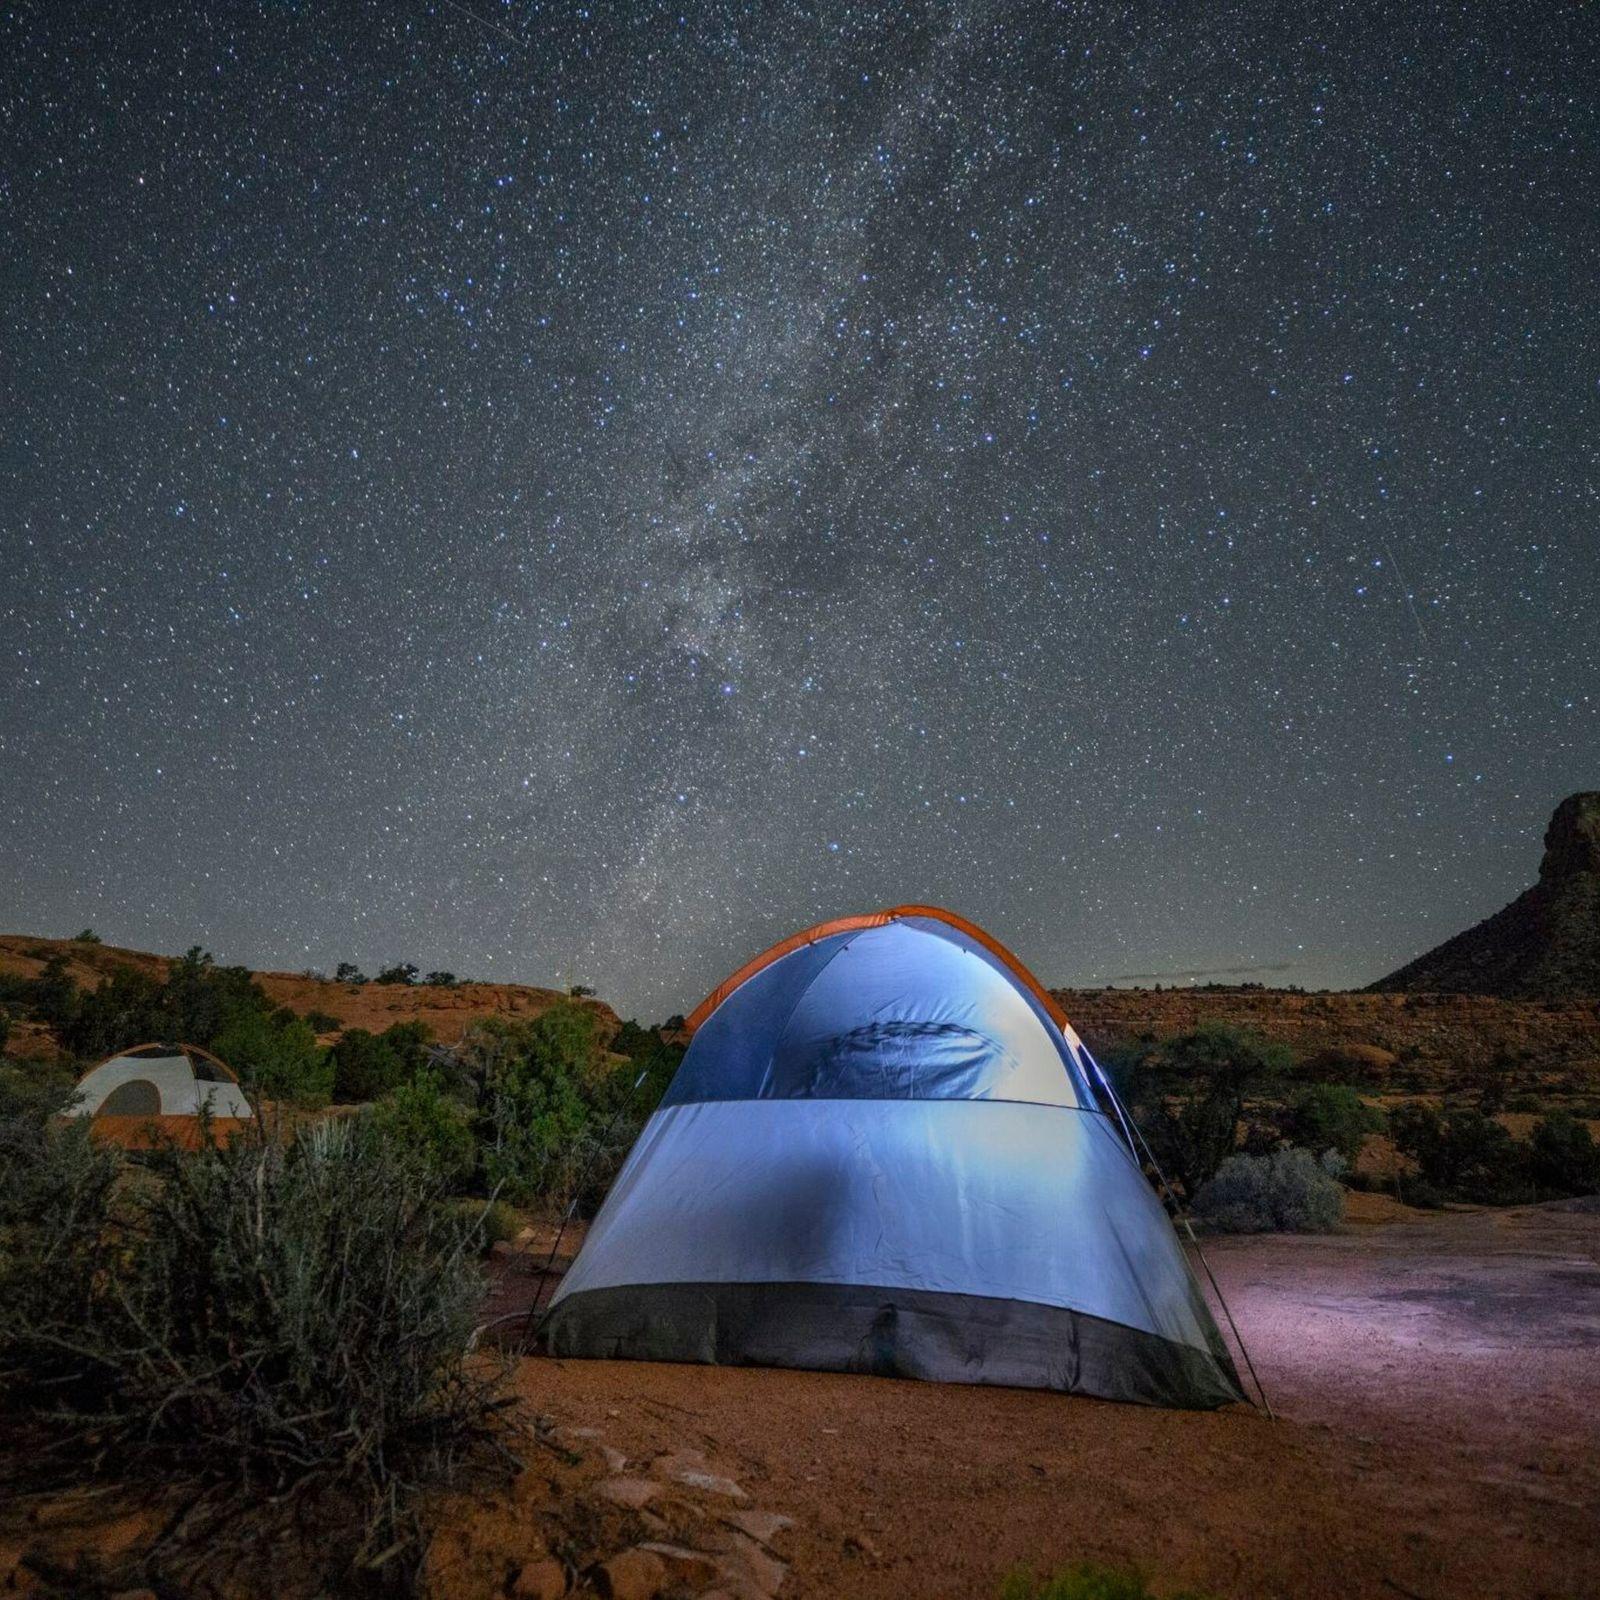 Tenda Brilhante